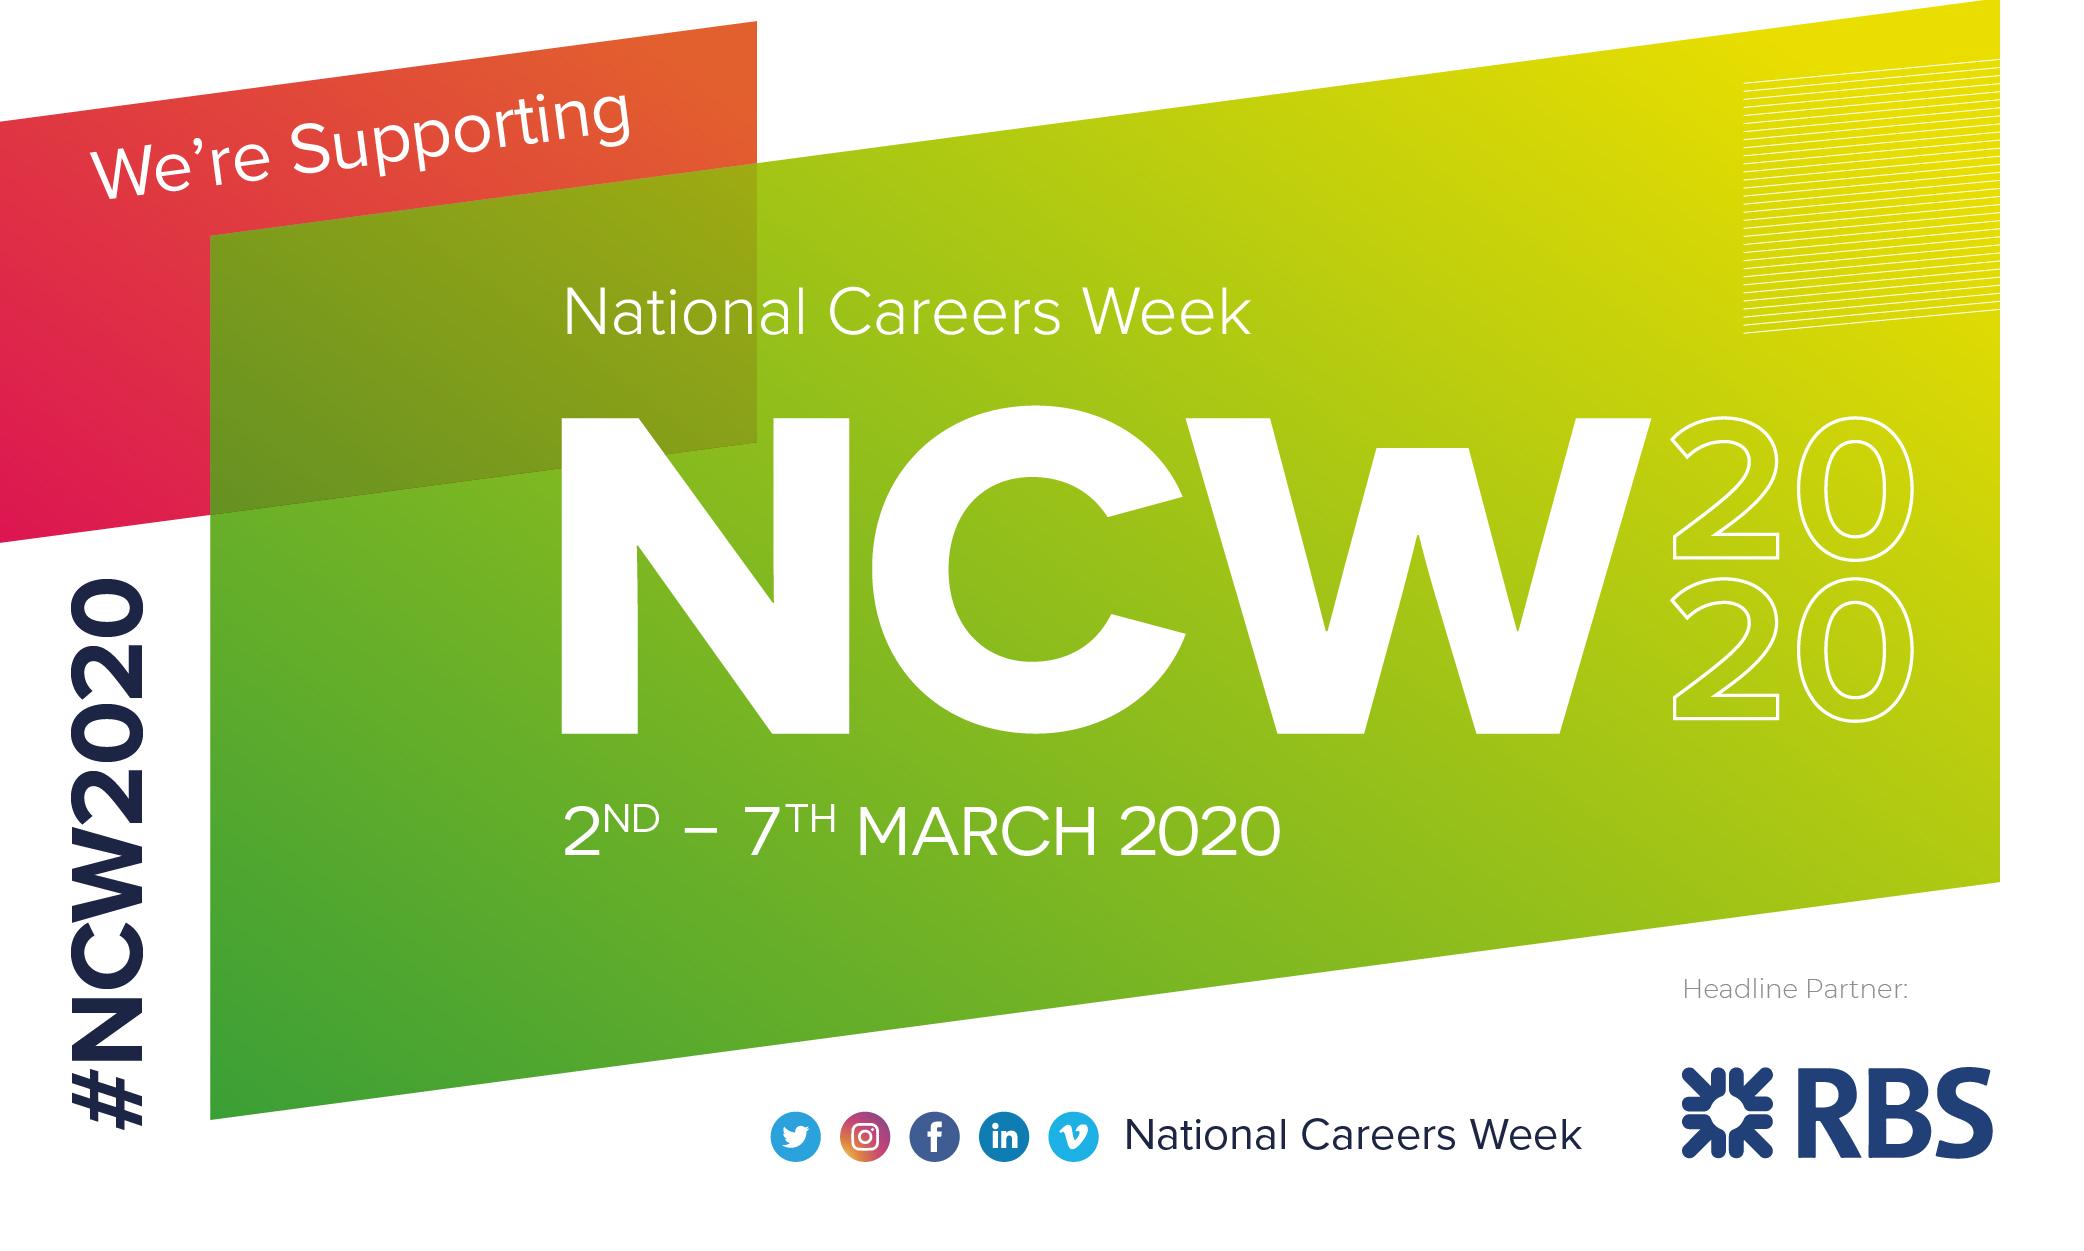 National Careers Week #NCW2020